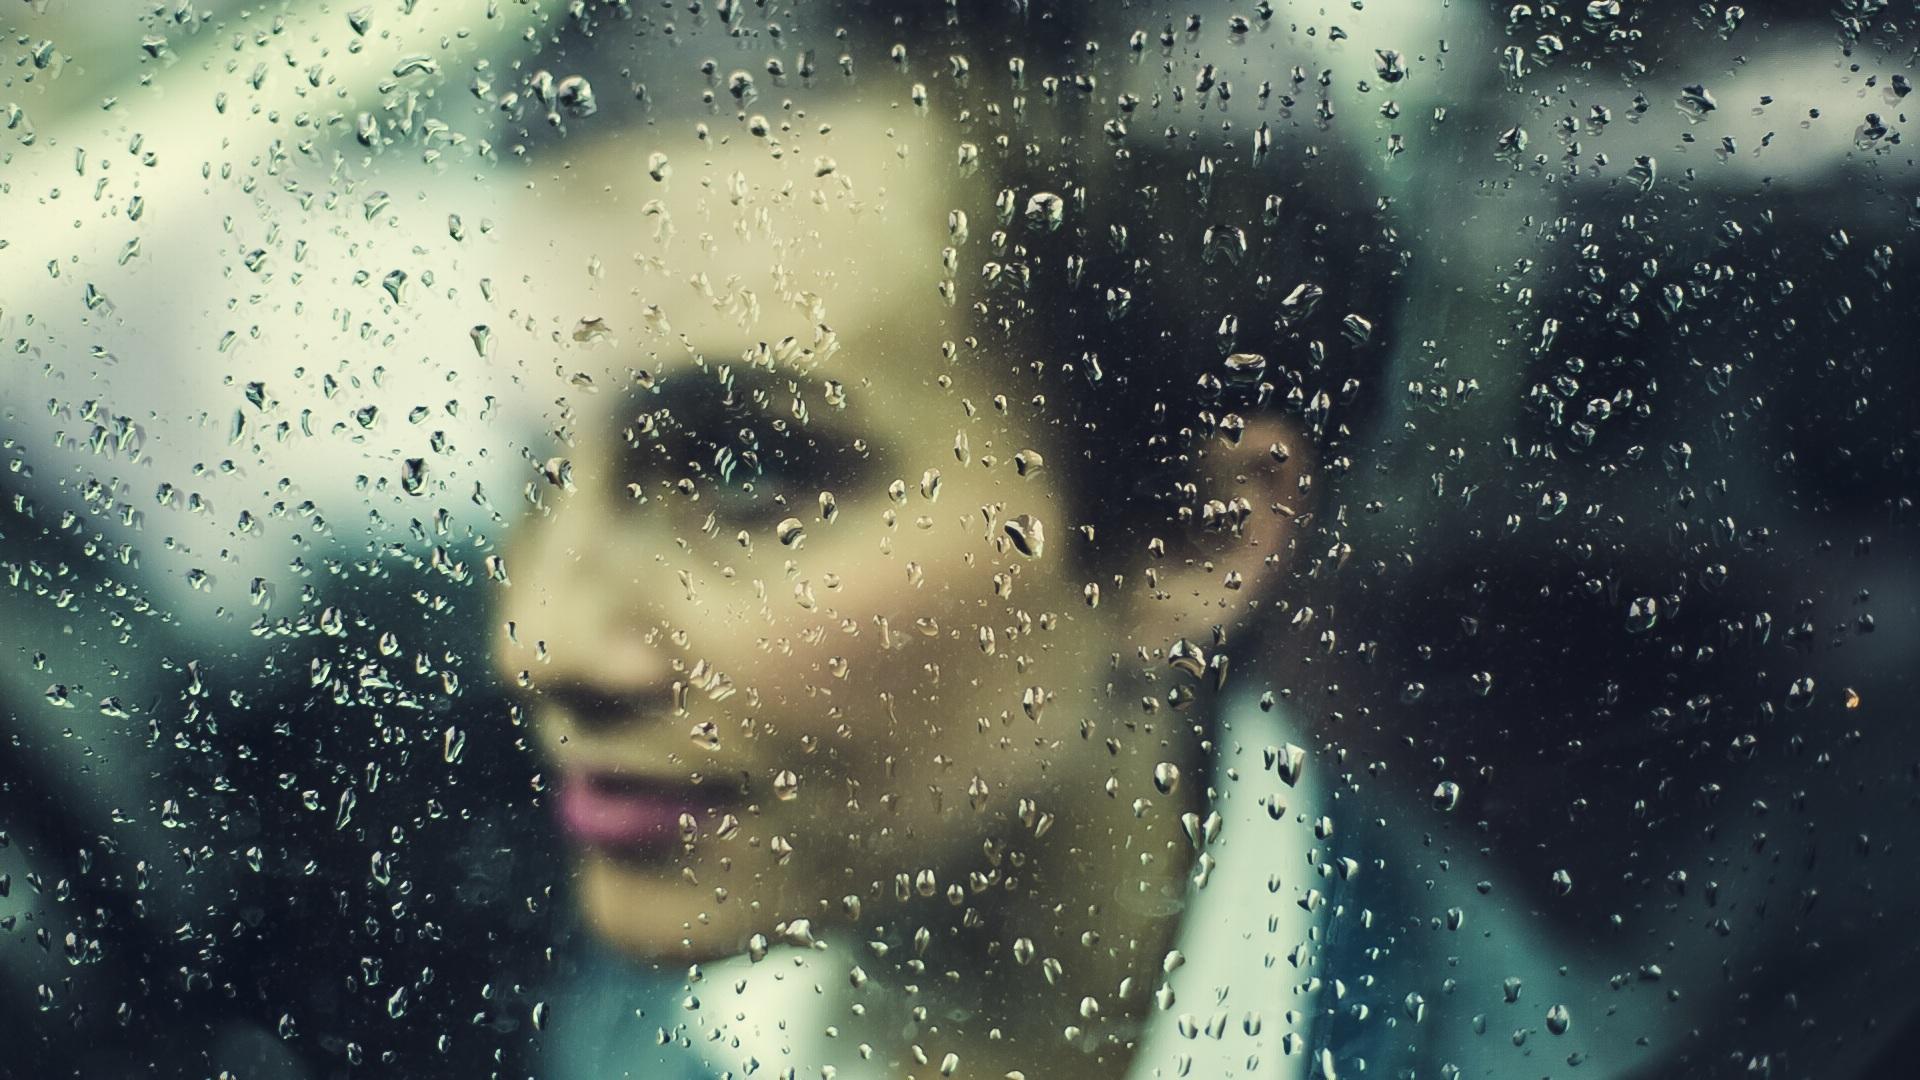 Фотографирование через мокрое стекло